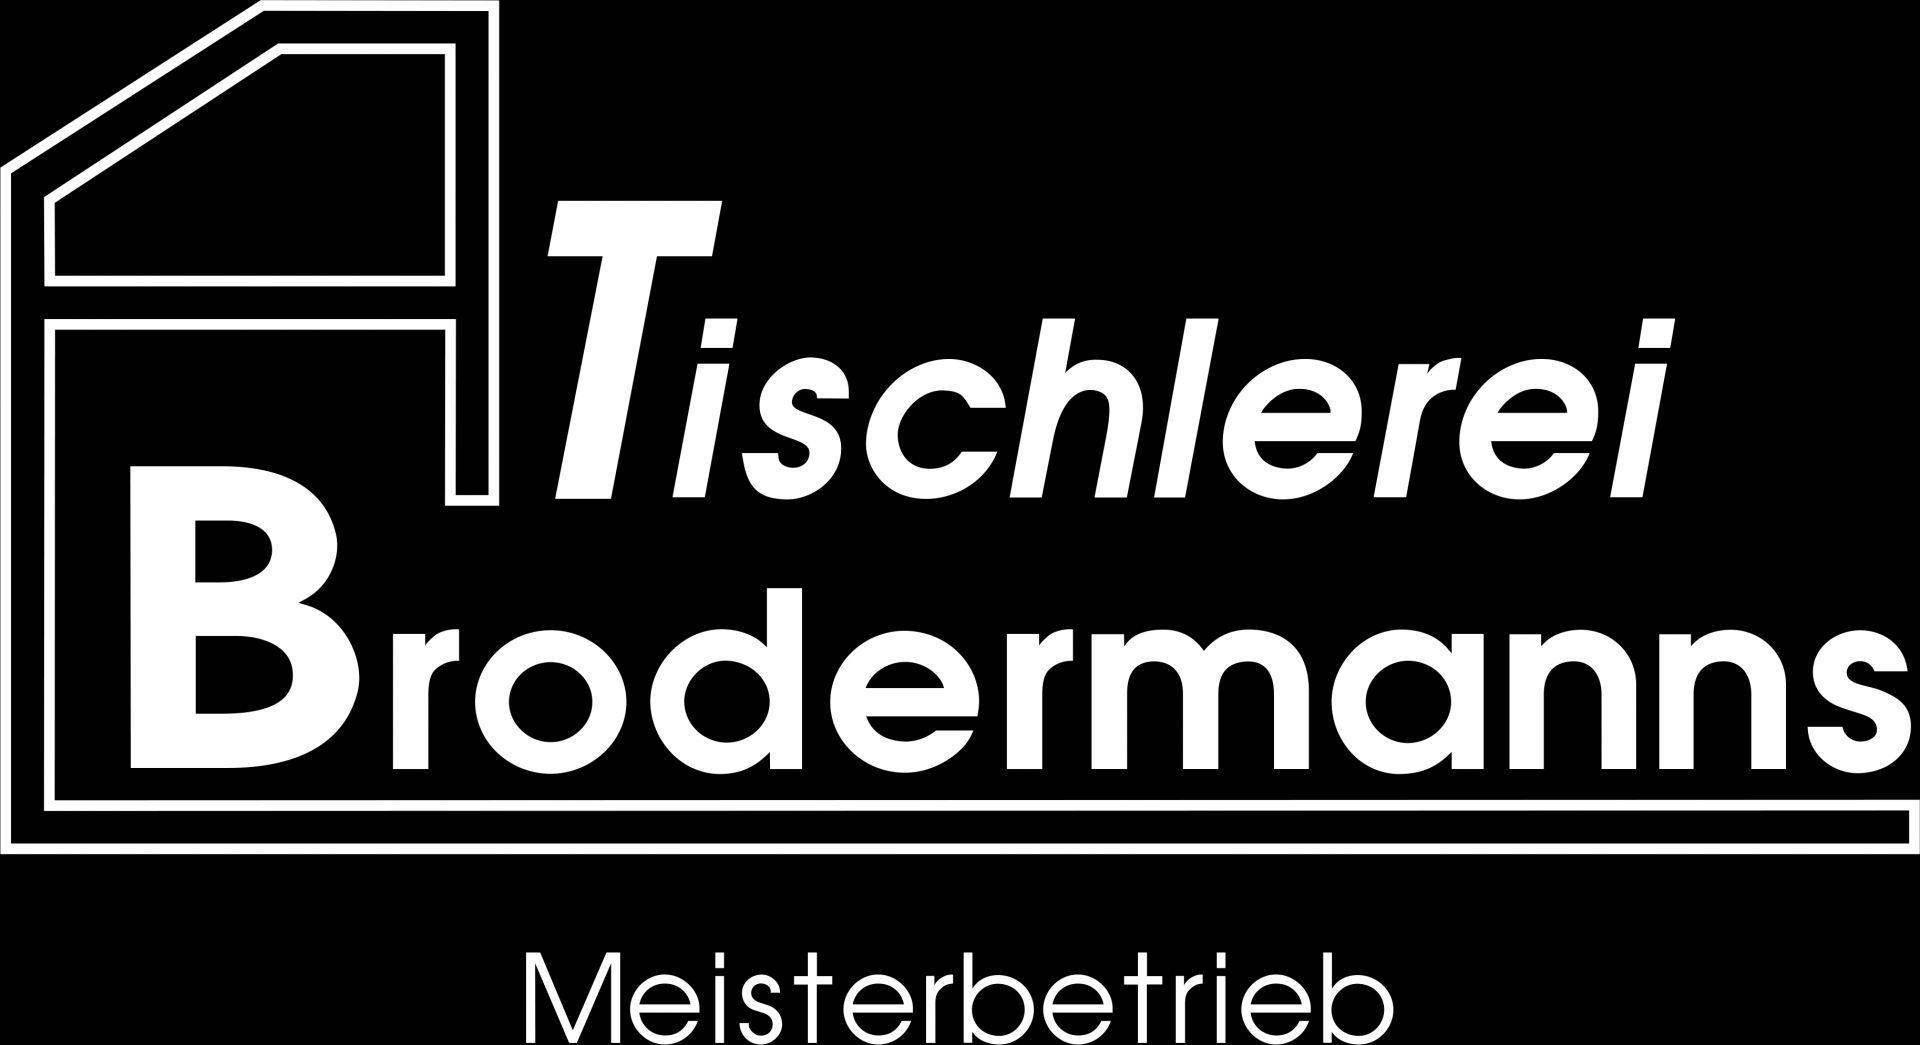 Brodermanns